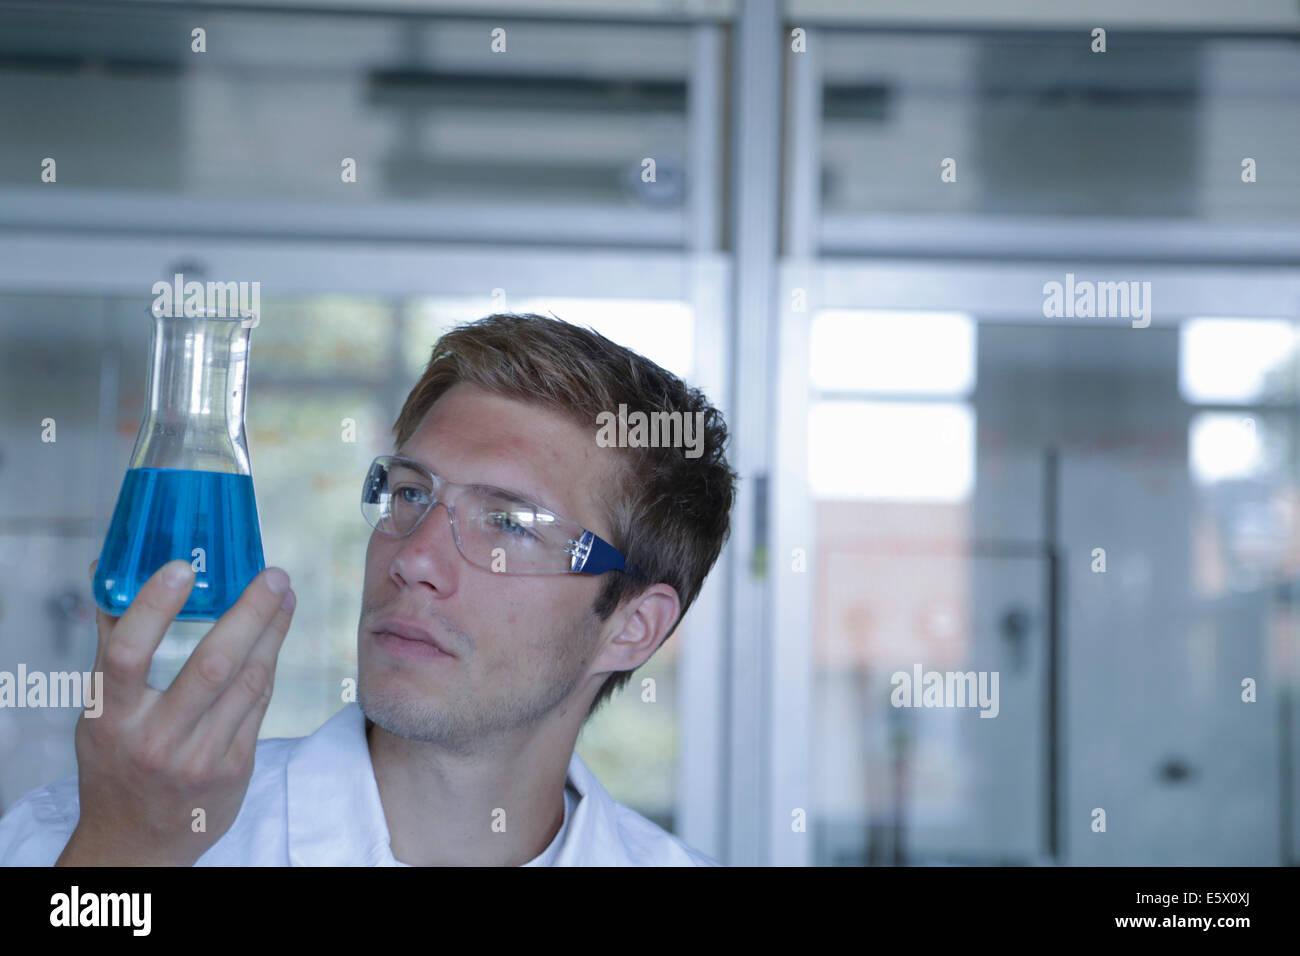 Junge männliche Wissenschaftler hält Erlenmeyerkolben im Labor Stockbild